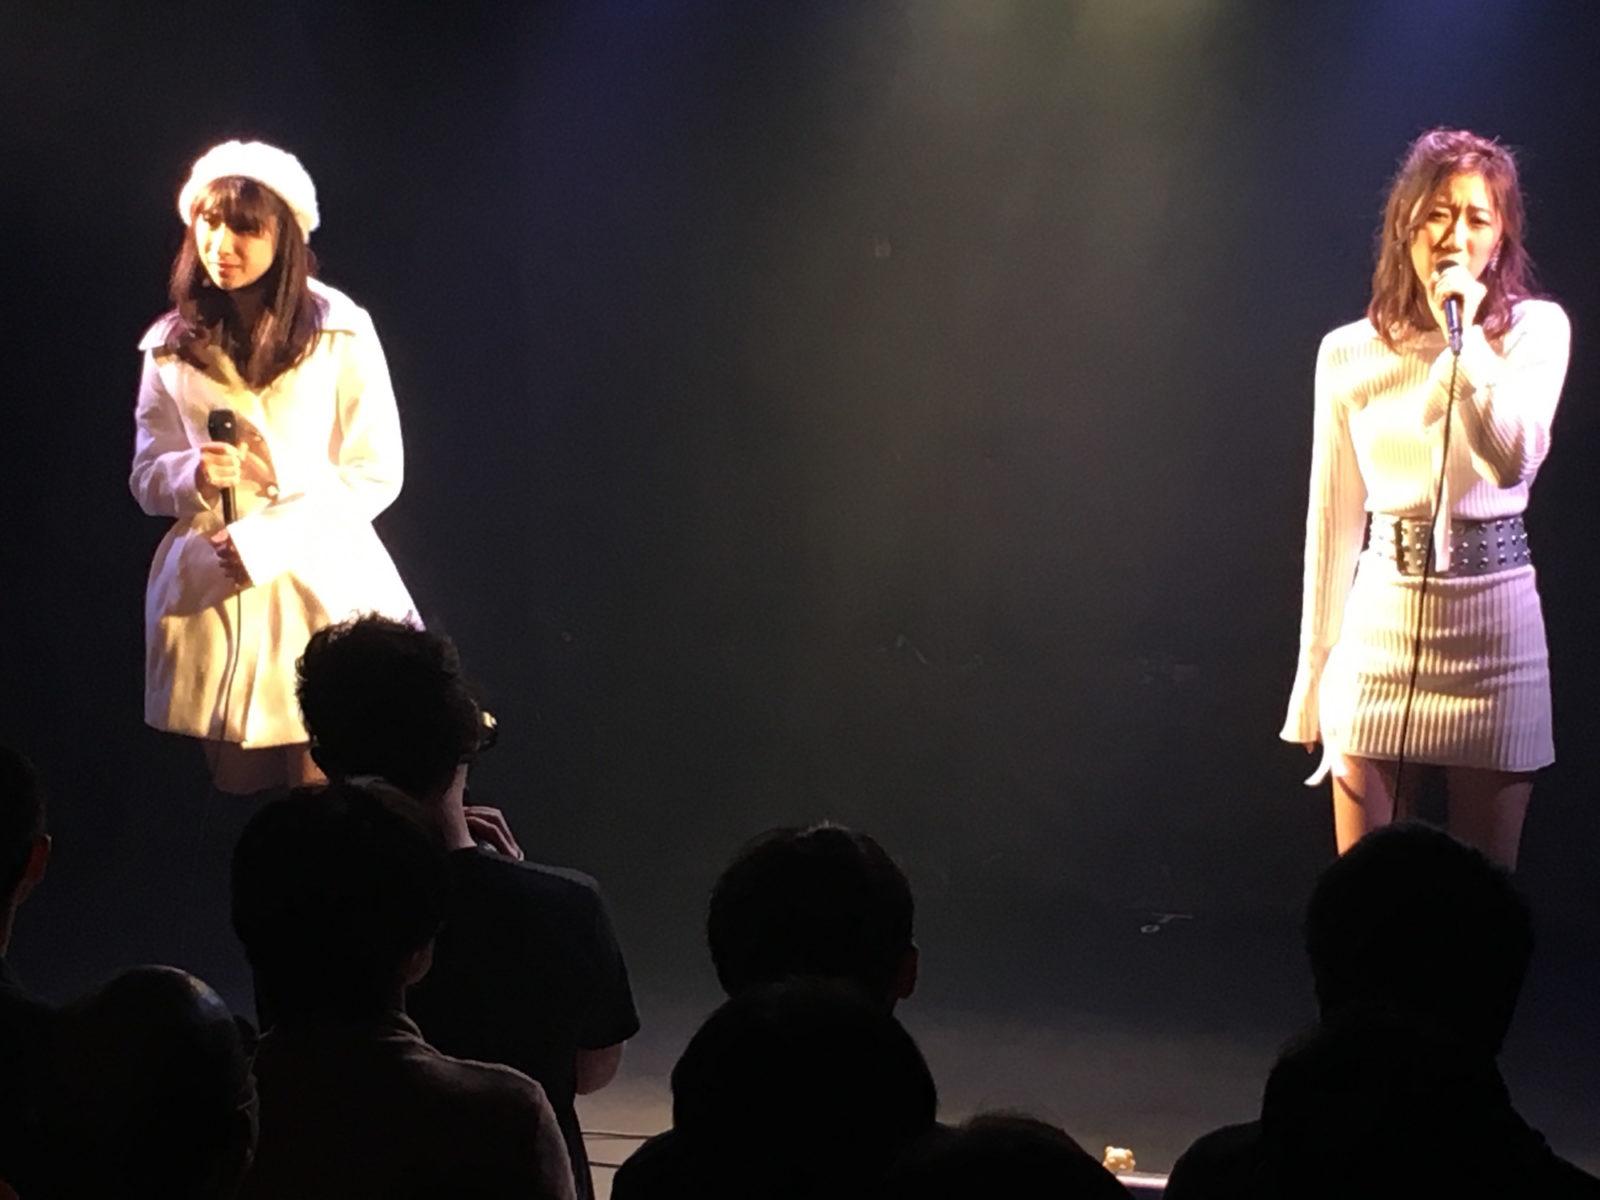 ツインボーカルデュオ「BESTIEM」初のシングルを来年発売決定!カップリングには初のソロ曲を収録サムネイル画像